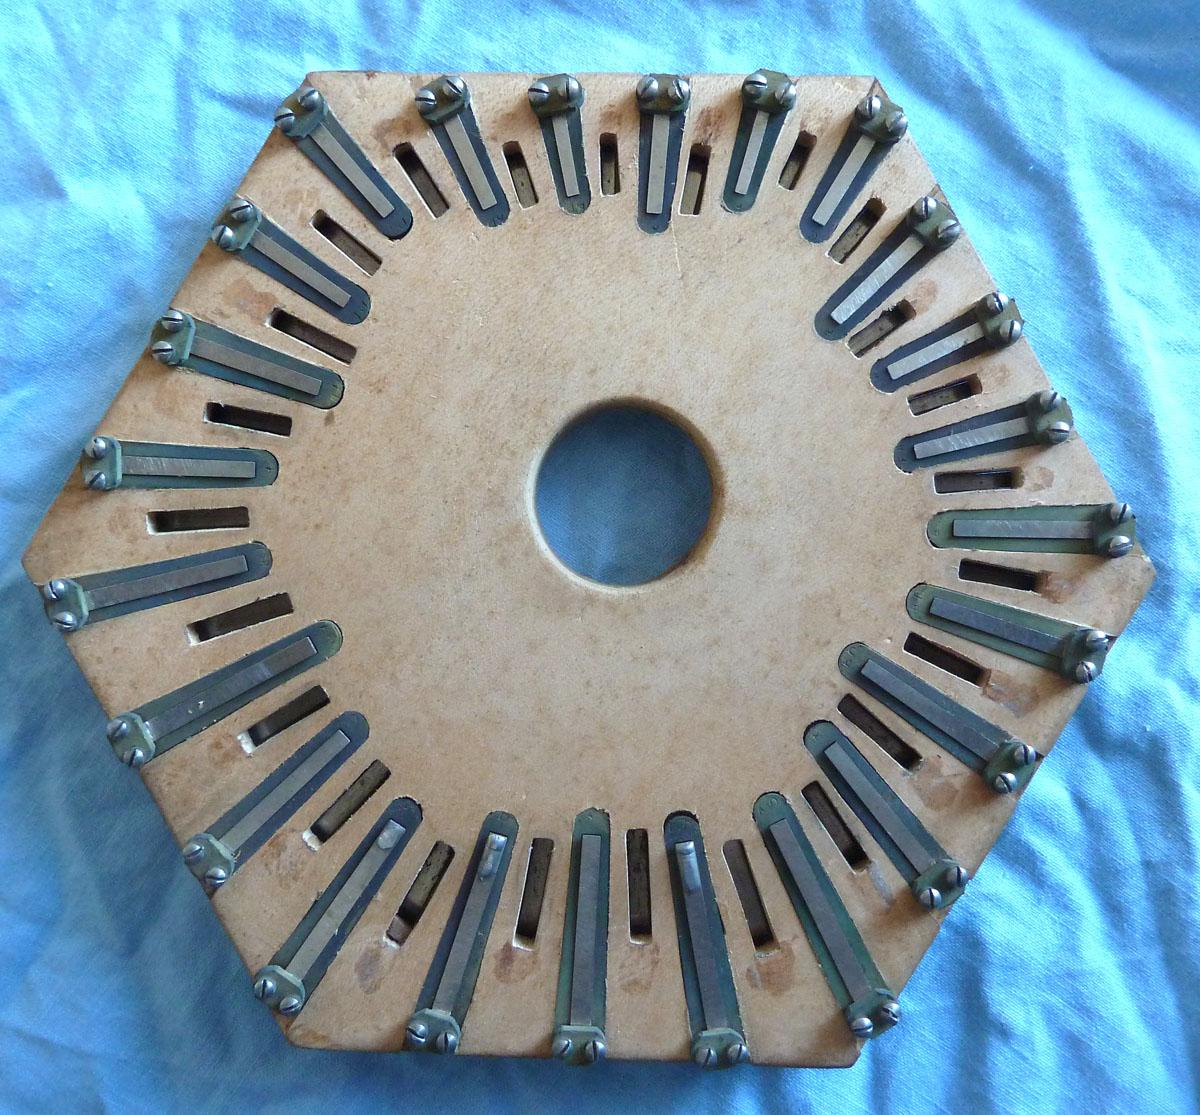 druženje s jeffries concertinas stranica za upoznavanje Irske